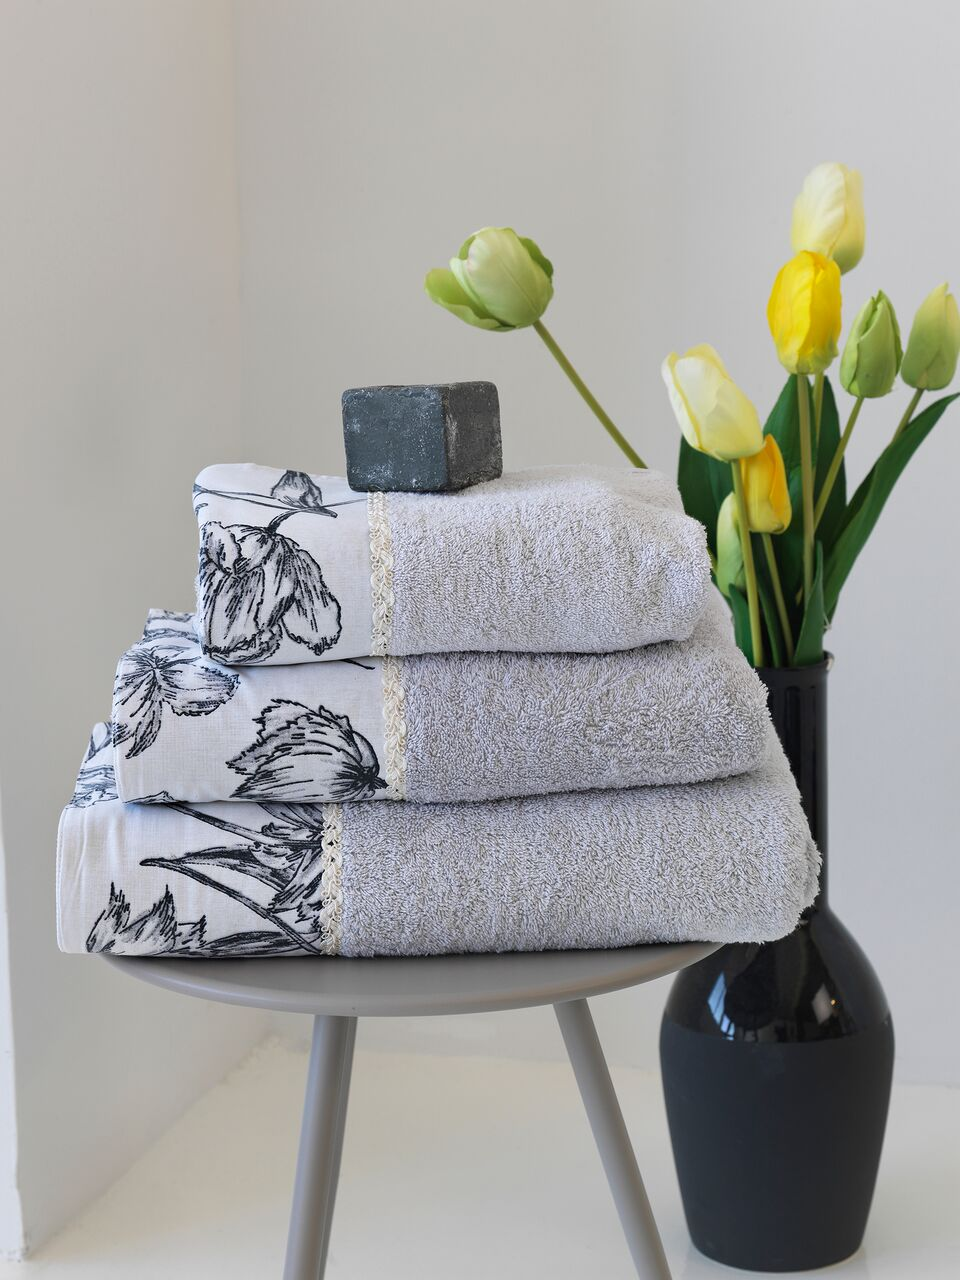 Σετ πετσέτες 3τμχ Ianthi Sb home - Sb home - ianthi-petseta λευκα ειδη mπάνιο πετσέτες μπάνιου